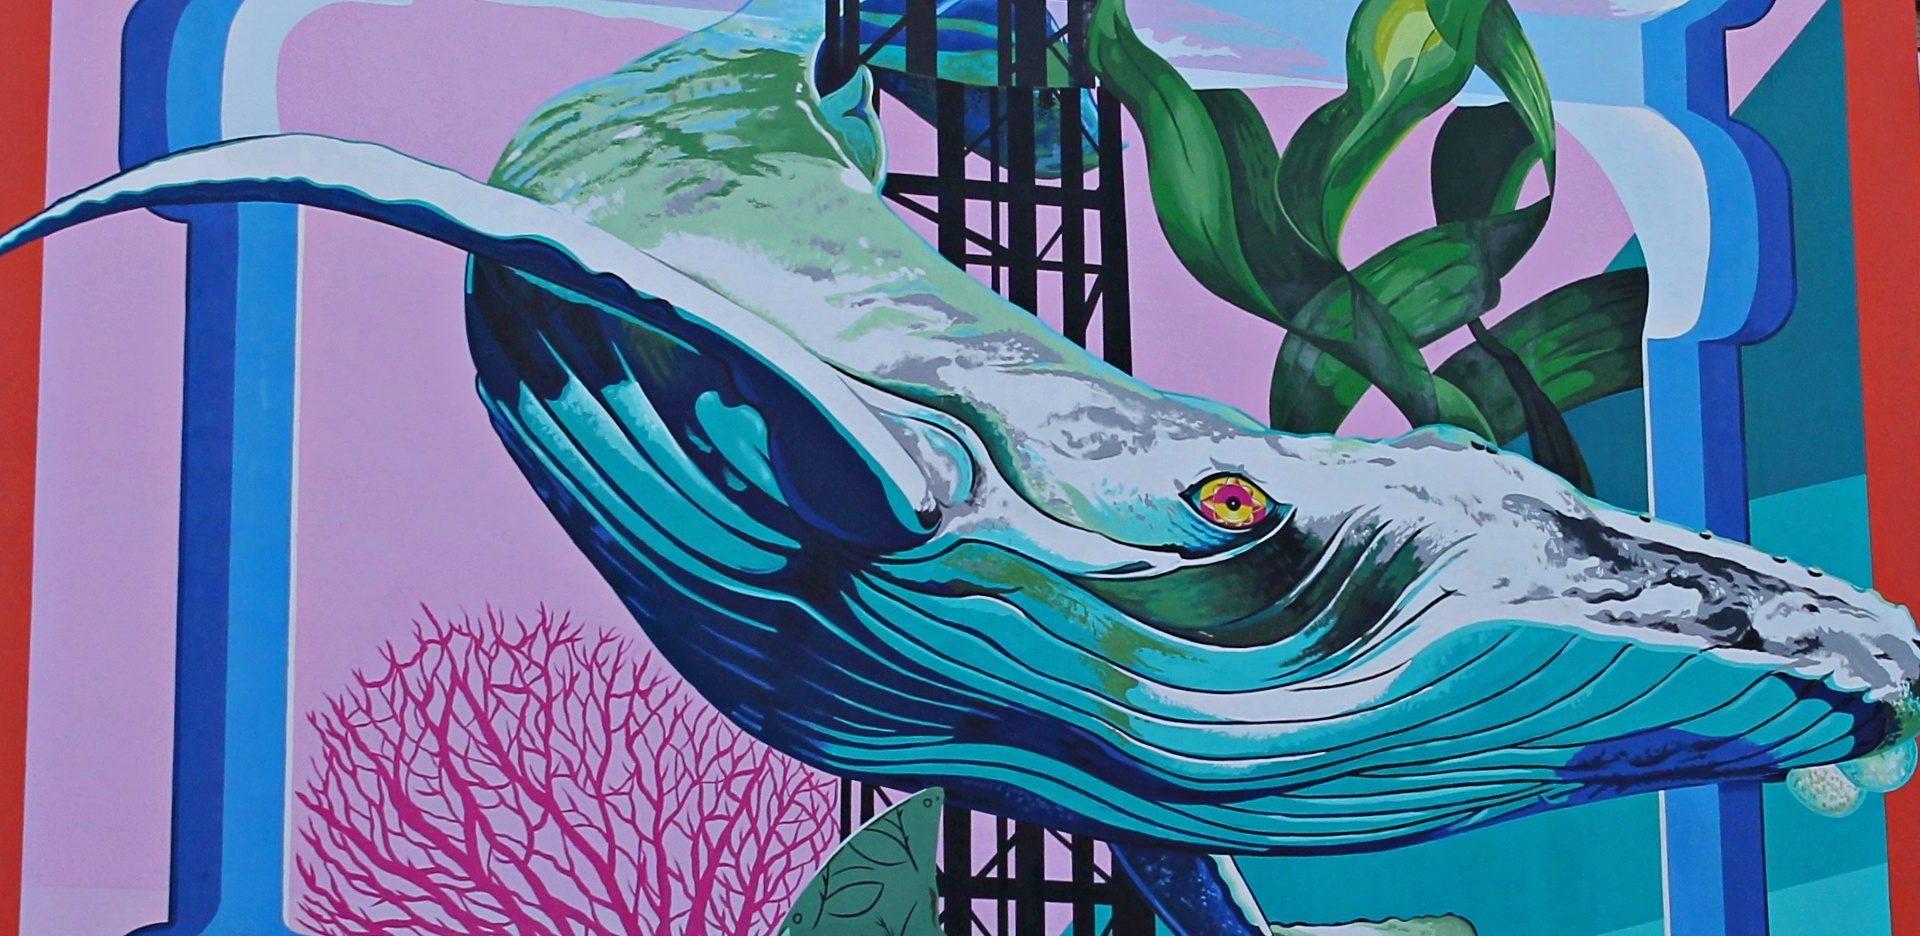 Anthropoceano, the anti-smog mural at Lambrate